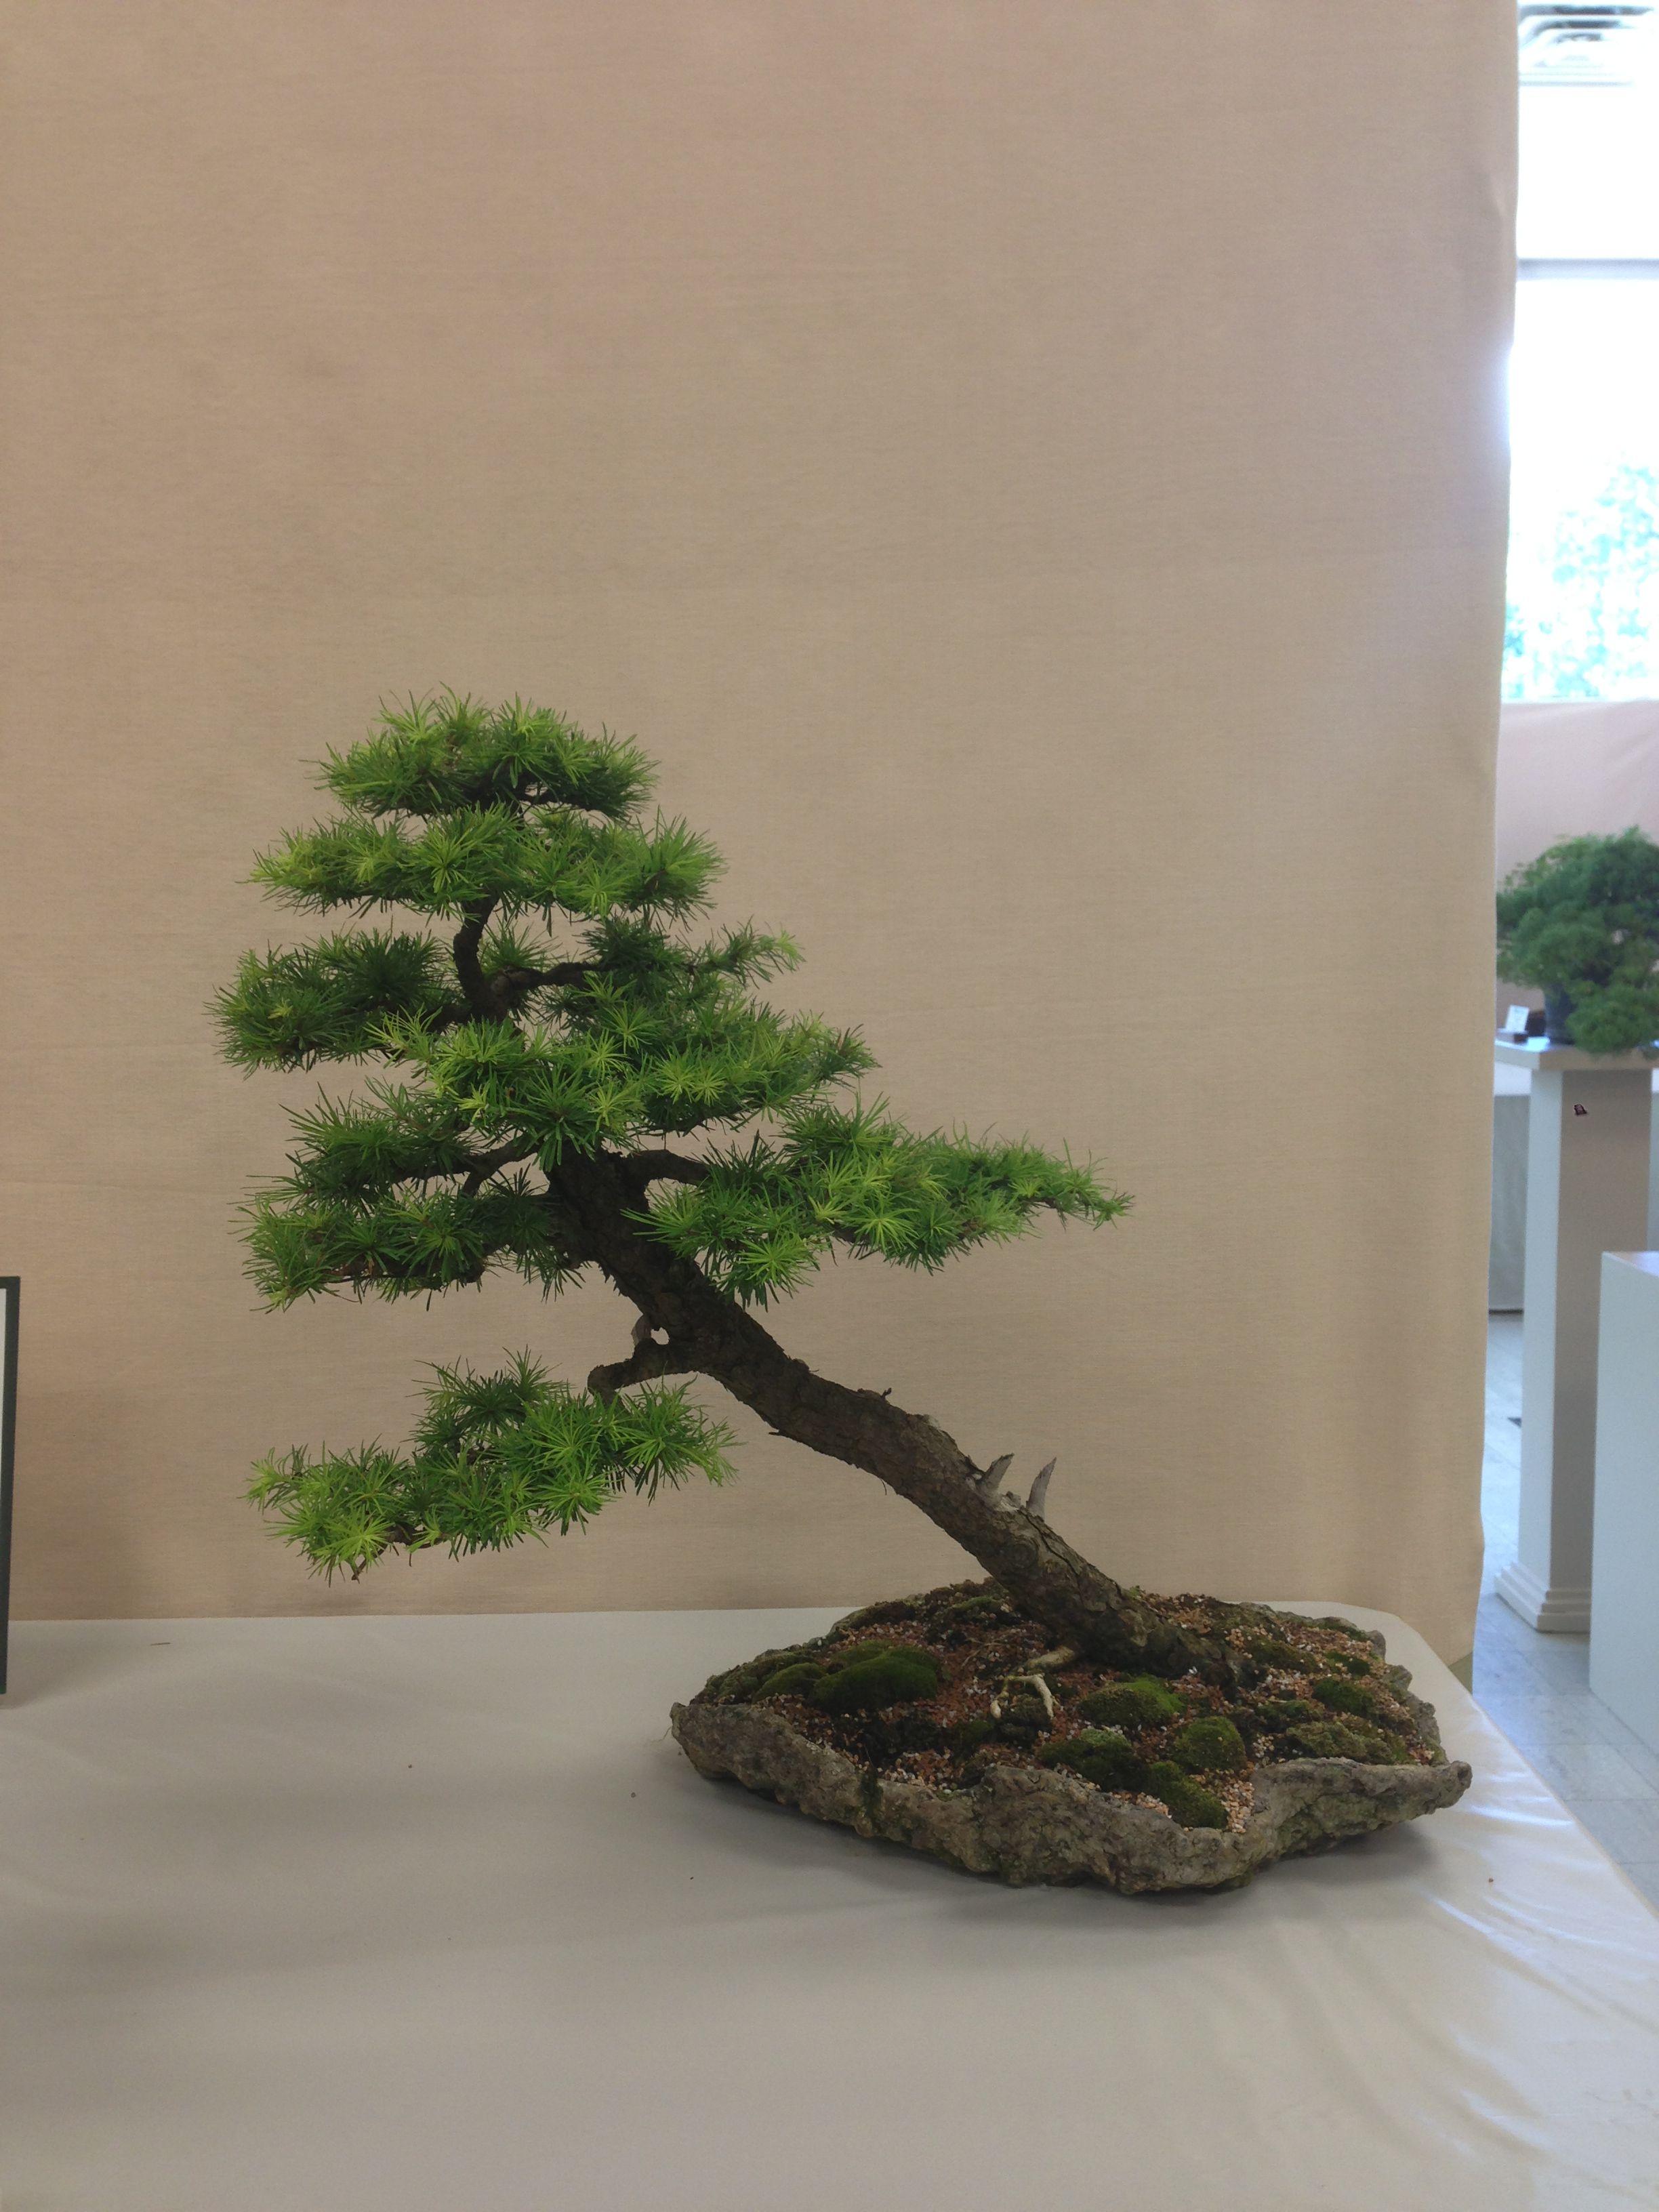 Japanese Larch Bonsai From The Ann Arbor Bonsai Society Show 2013 In Michigan 15 Year Old Bonsai Styles Pine Bonsai Bonsai Tree